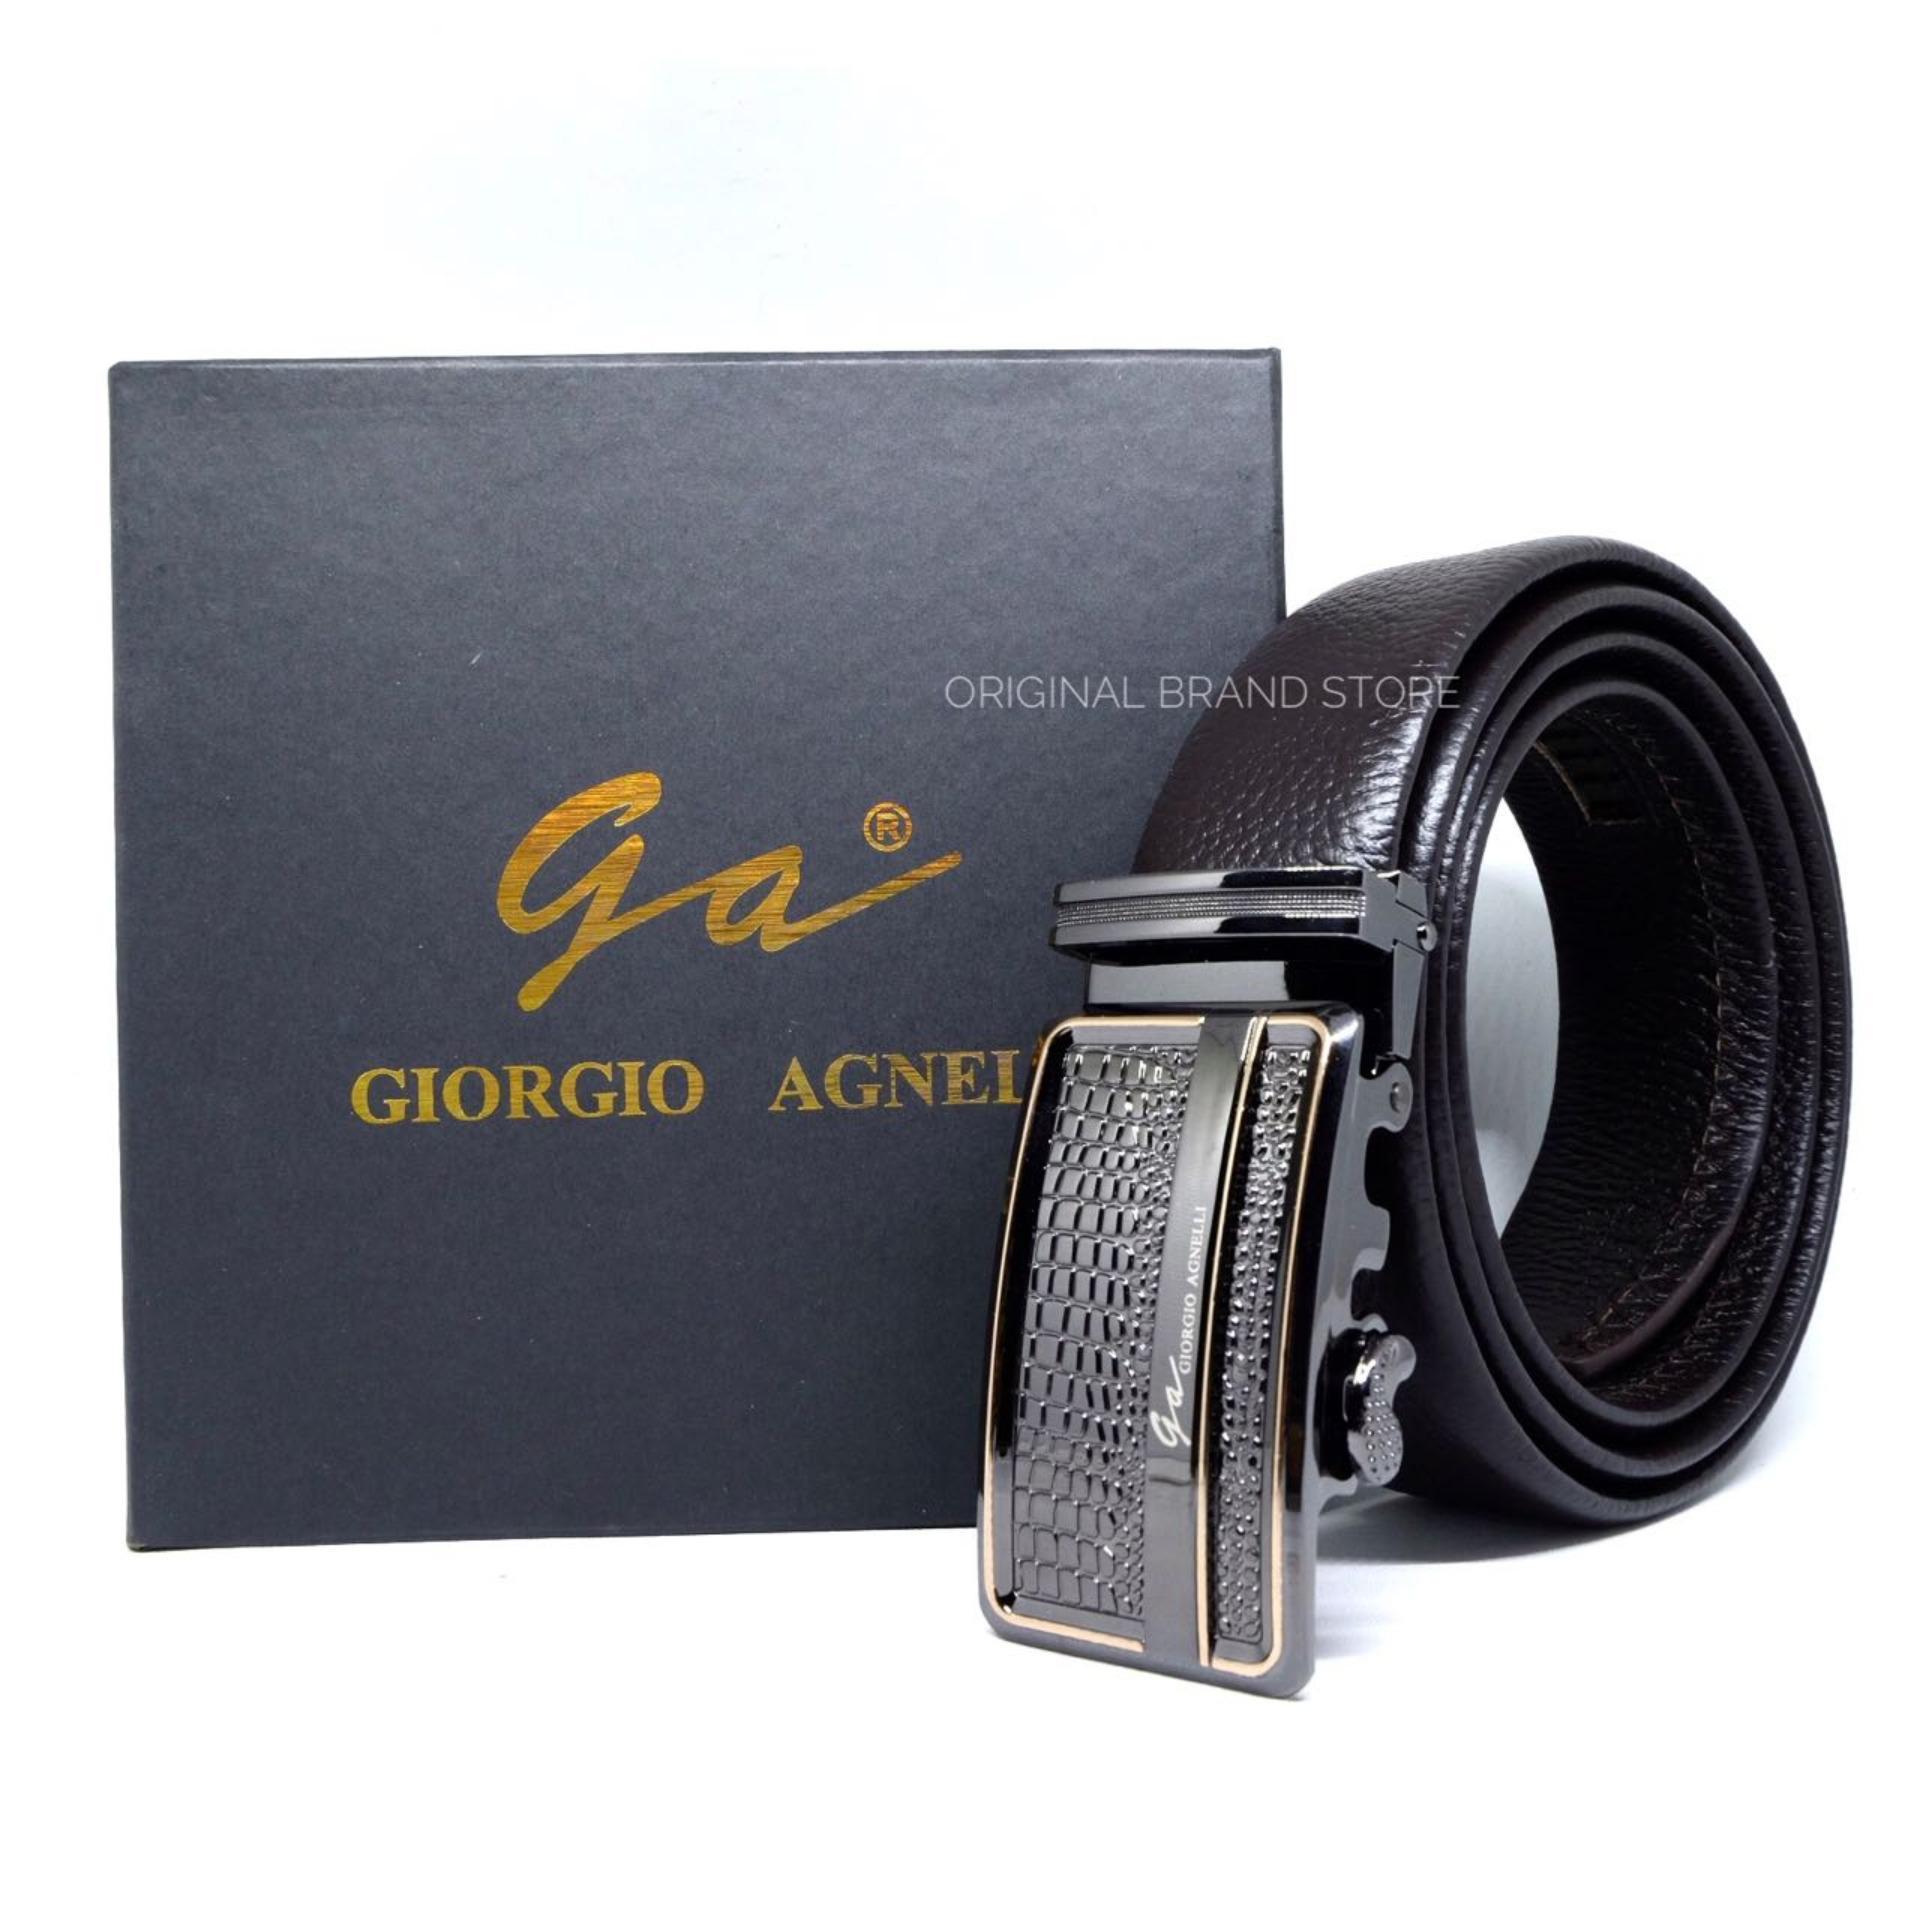 Beli Giorgio Agnelli Original Gesper Sabuk Pria Ikat Pinggang Kulit Asli Pria Rel Otomatis 90R Online Terpercaya